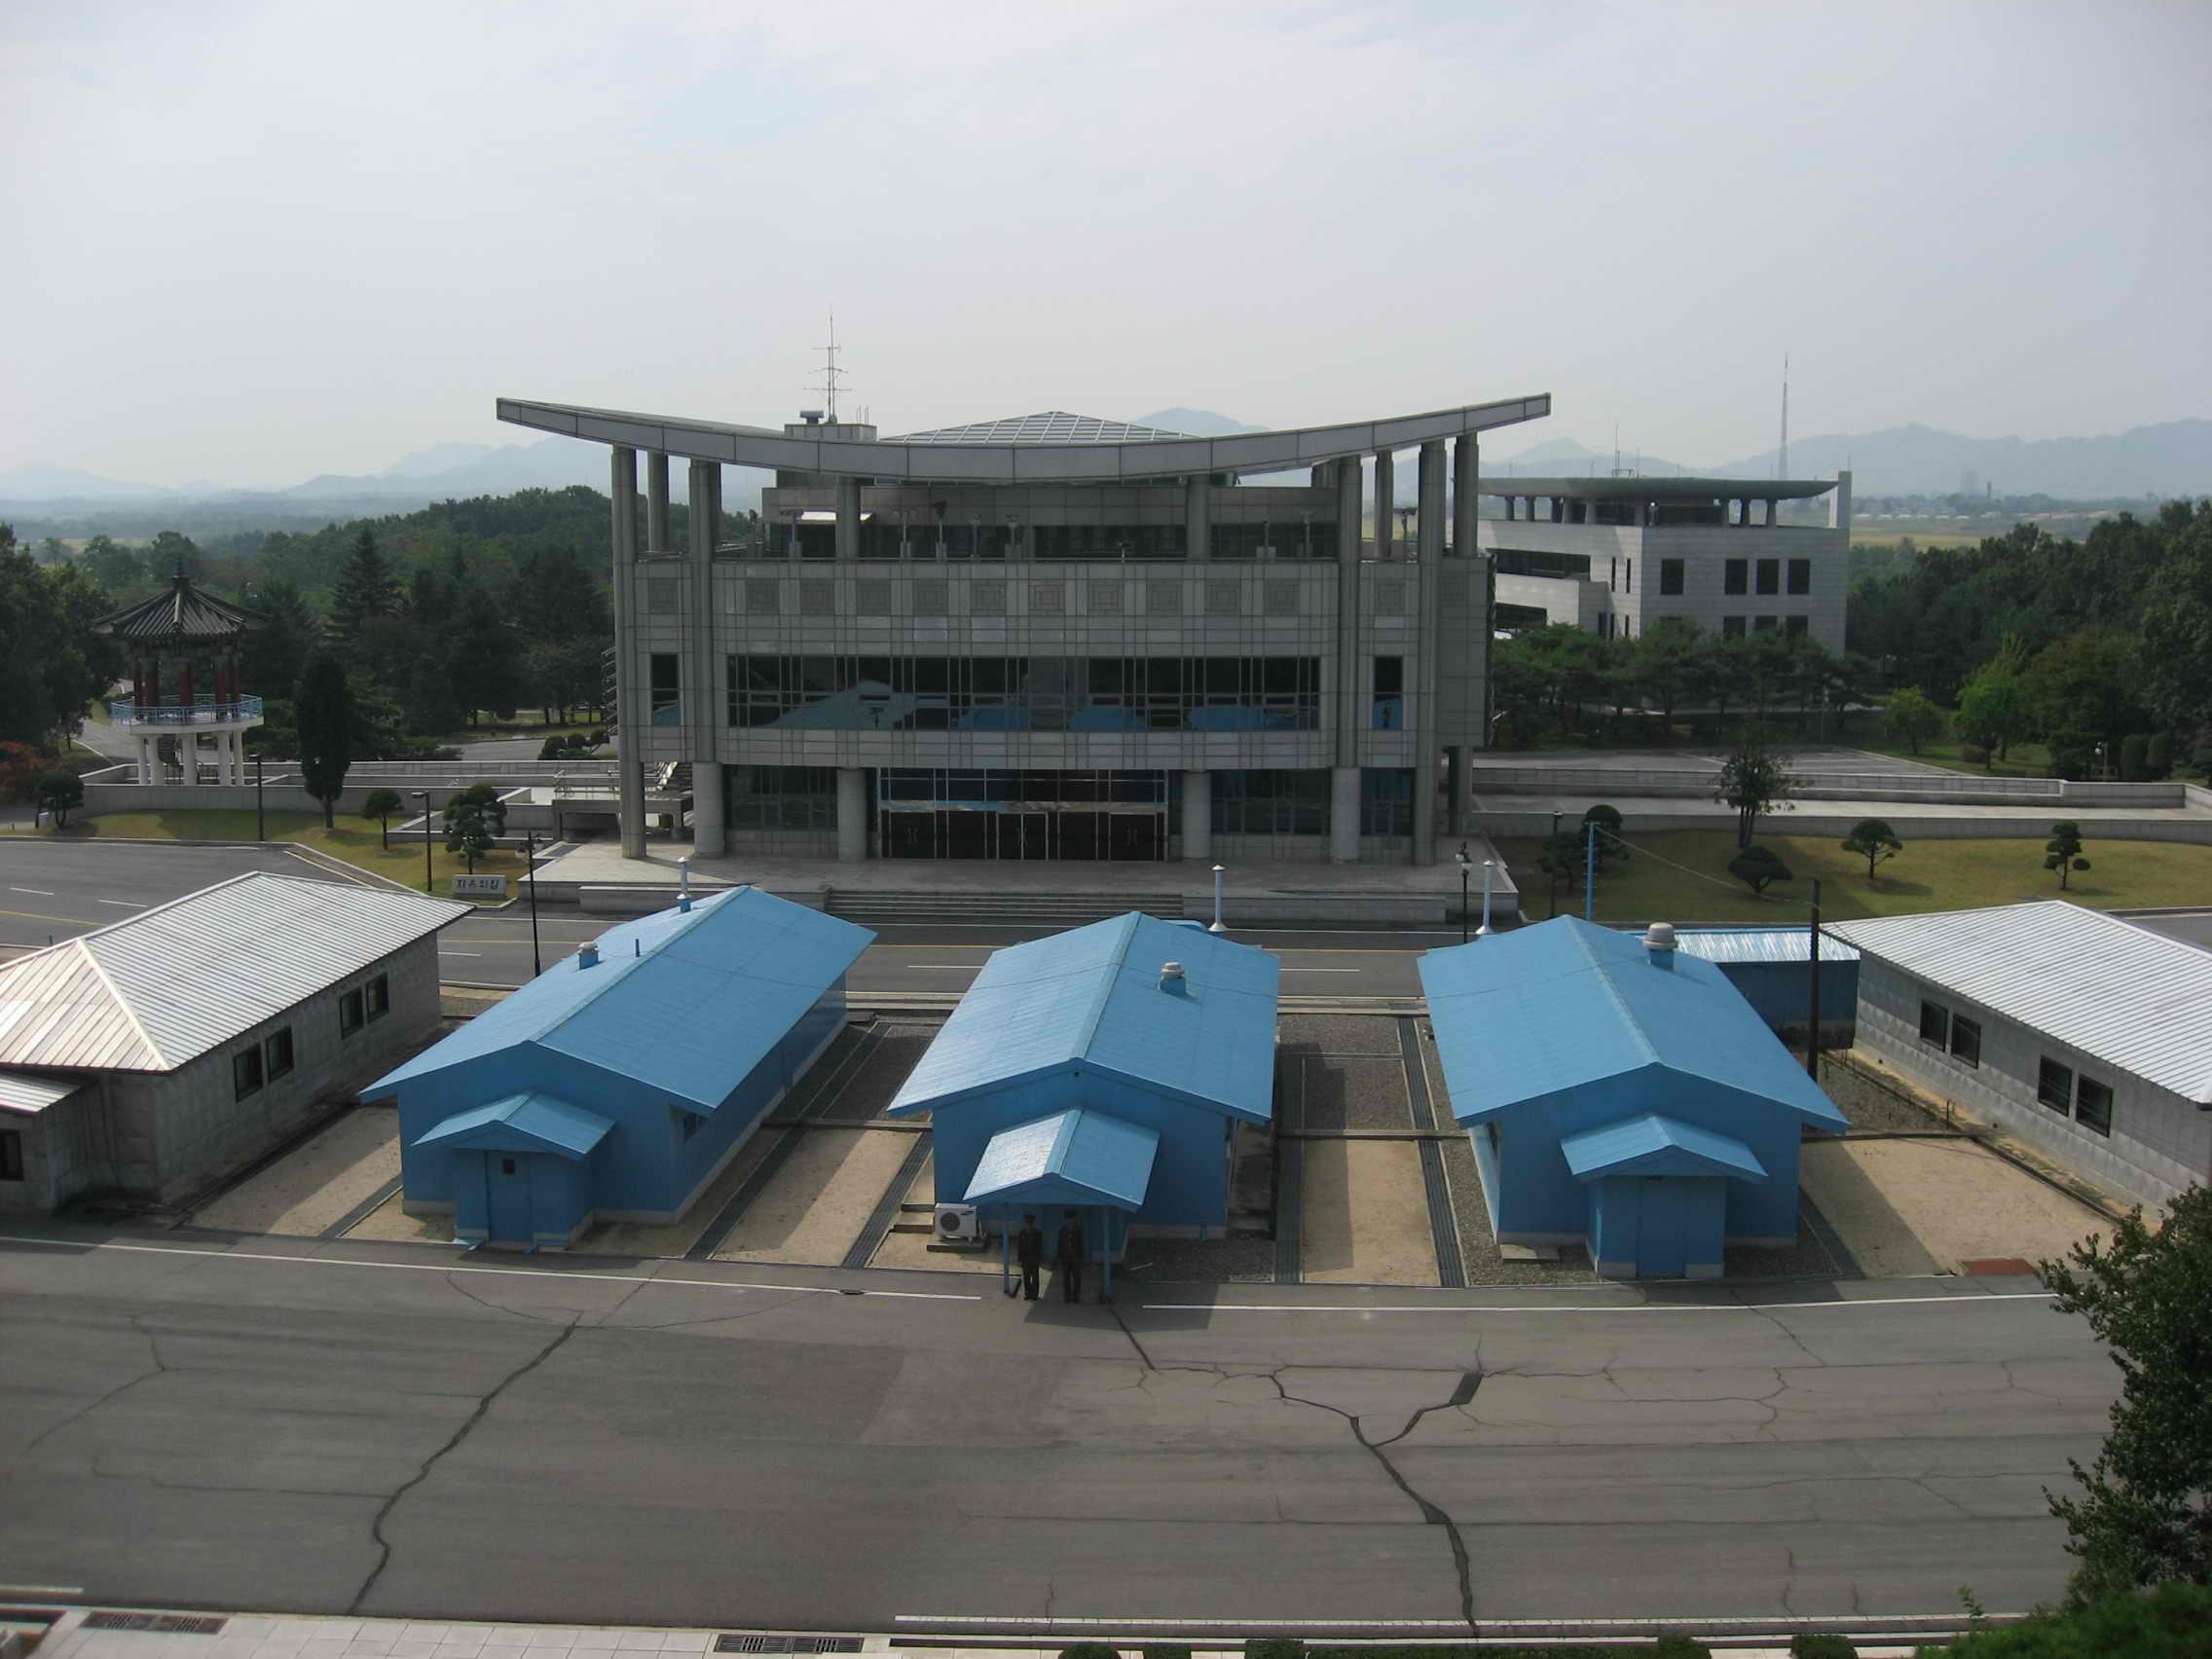 朝鲜景点几乎看不见垃圾桶